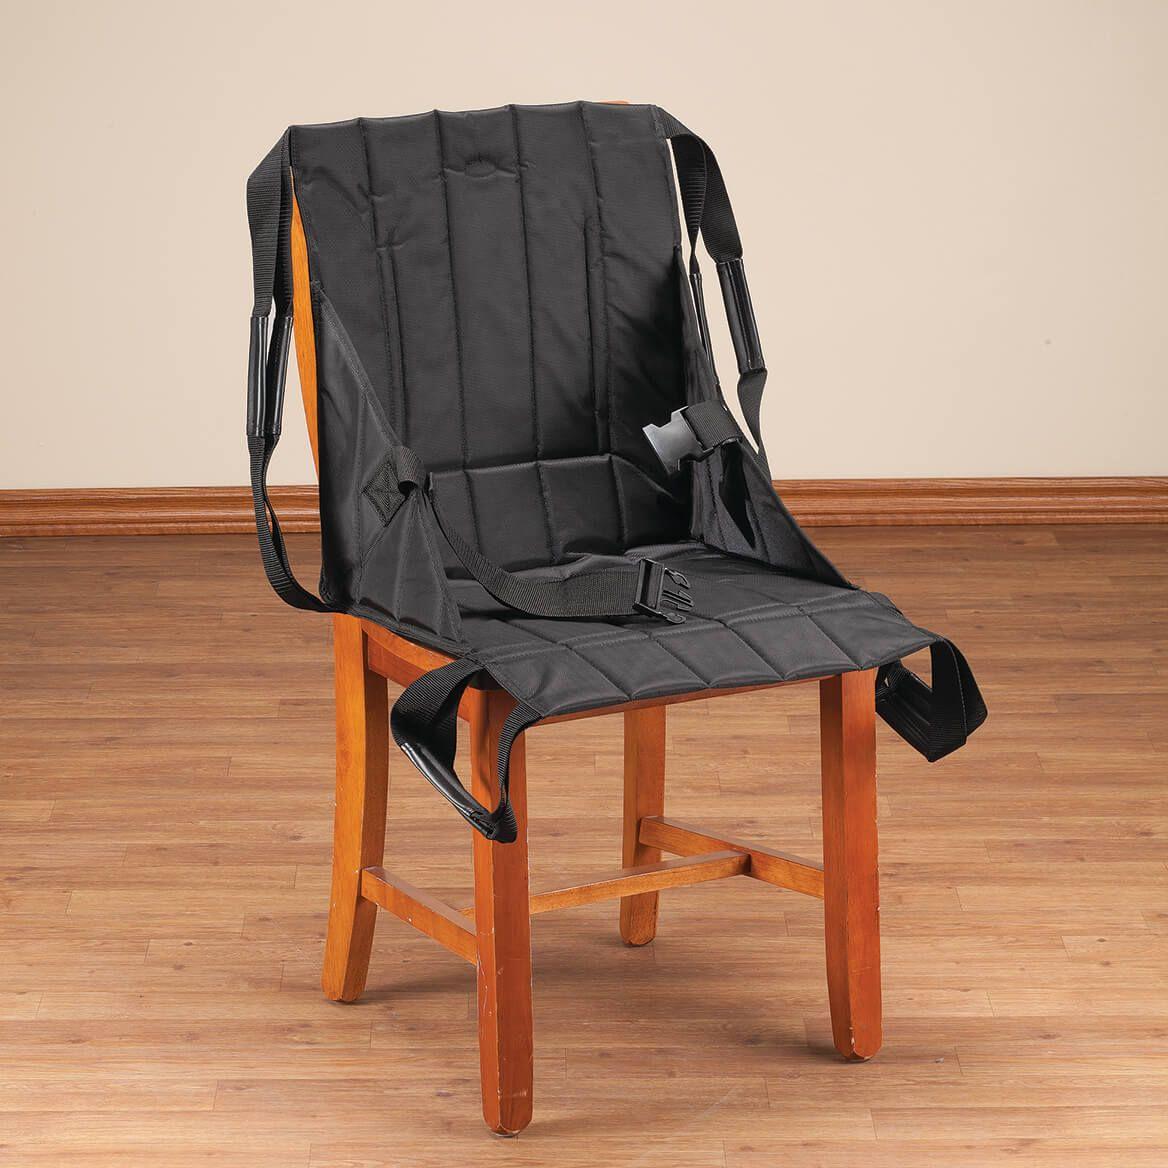 Wheelchair Transfer Mat-367409